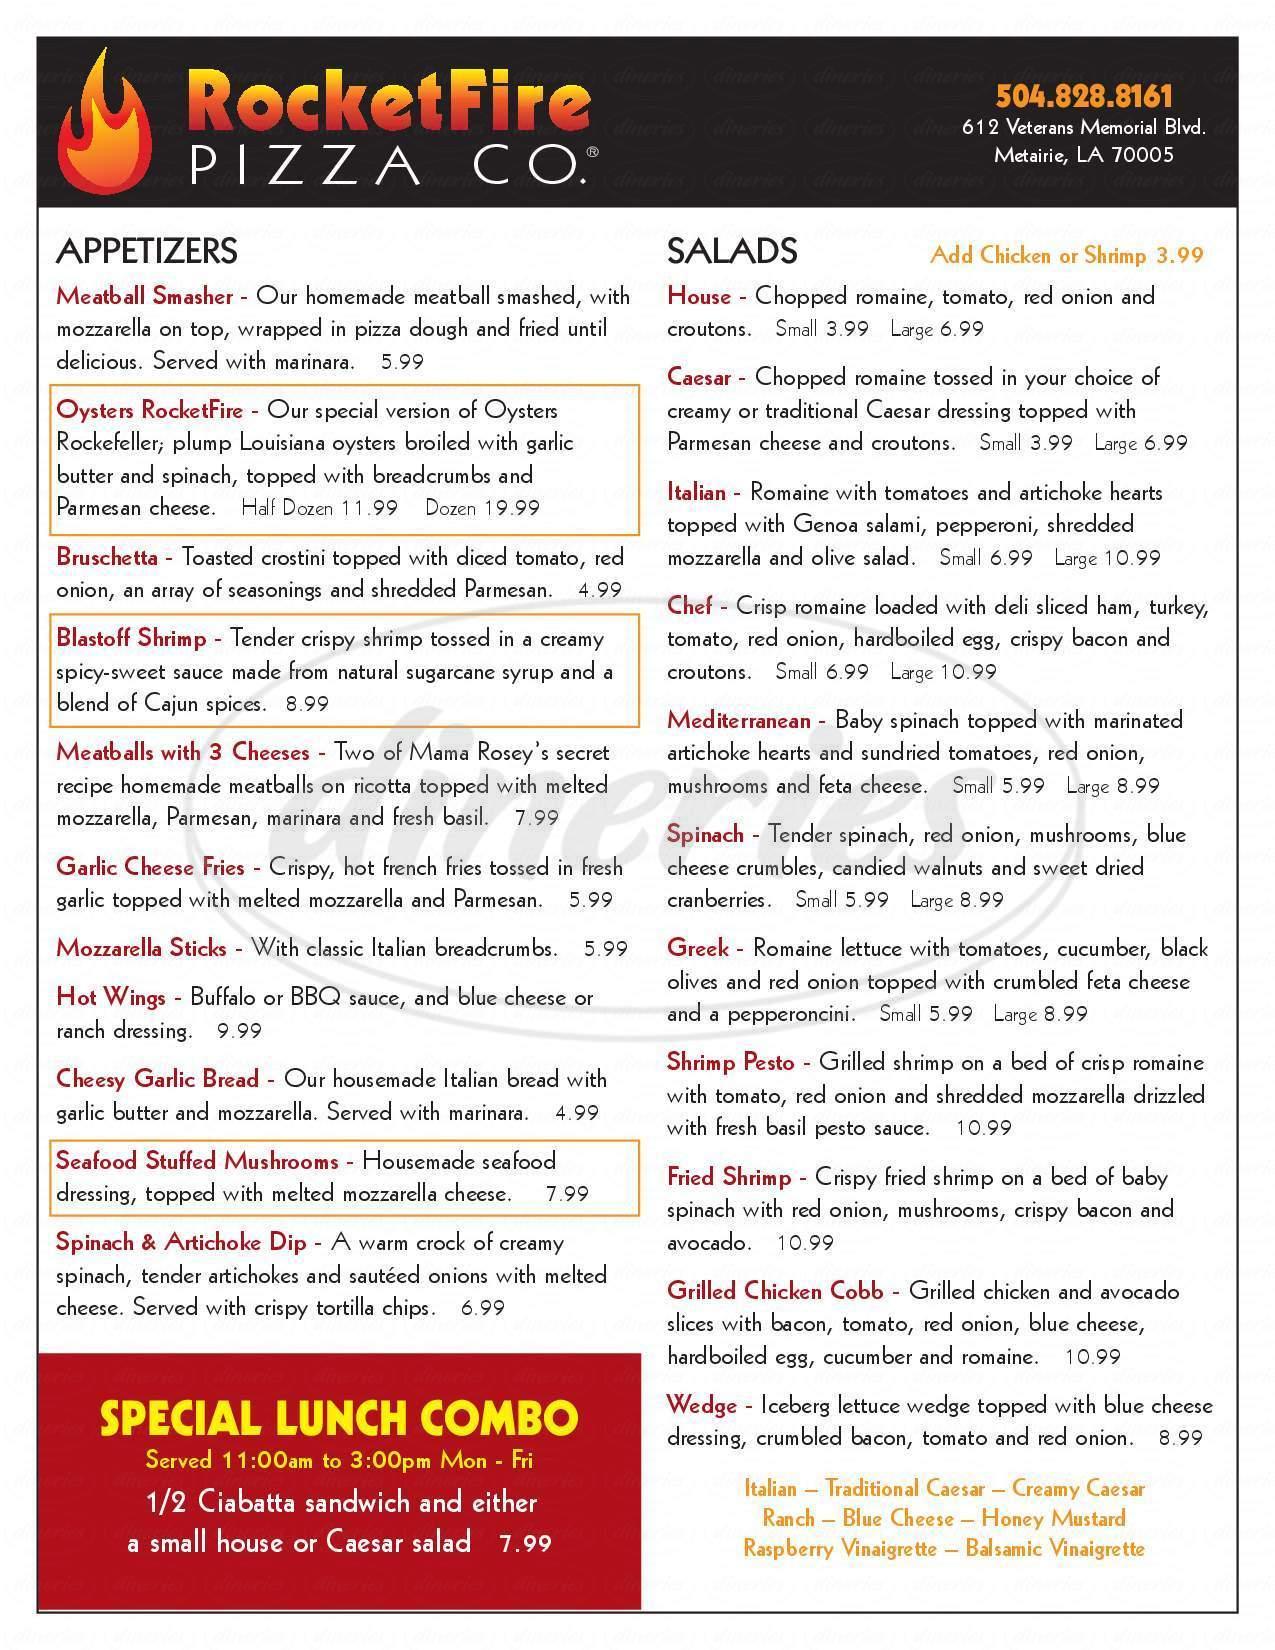 menu for RocketFire Pizza Co.